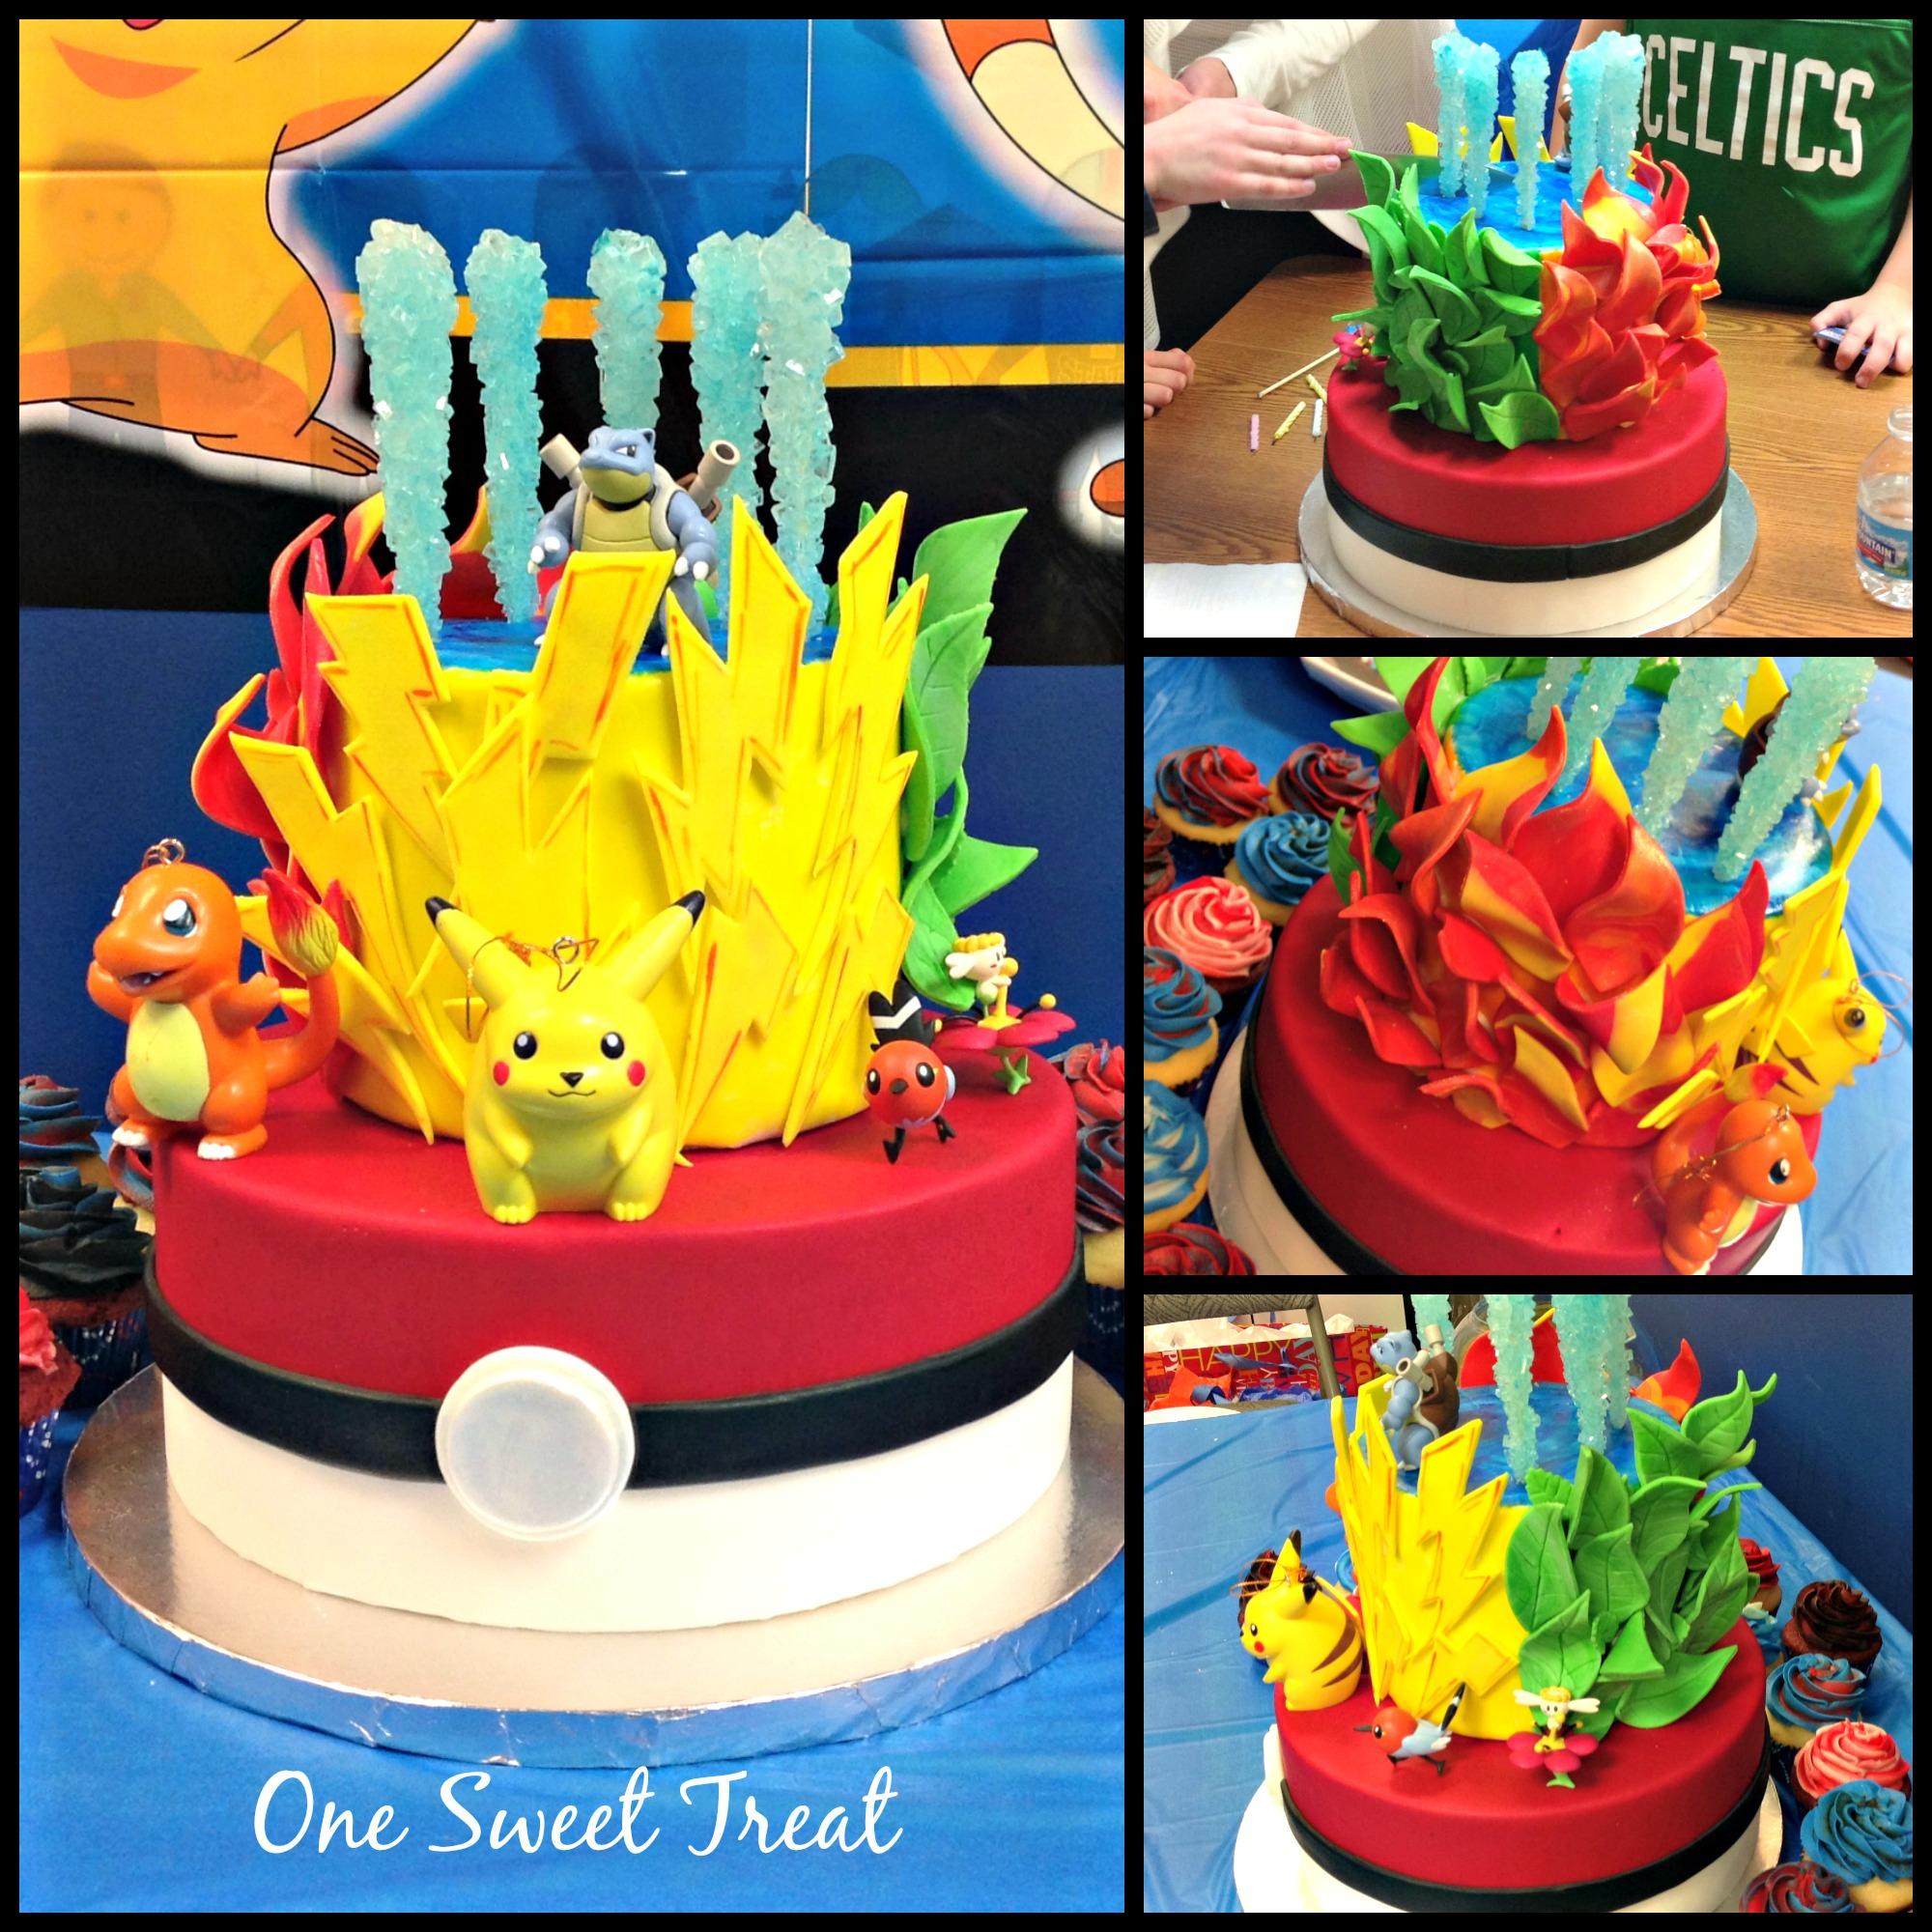 e Sweet Treat Noah s 6th Birthday